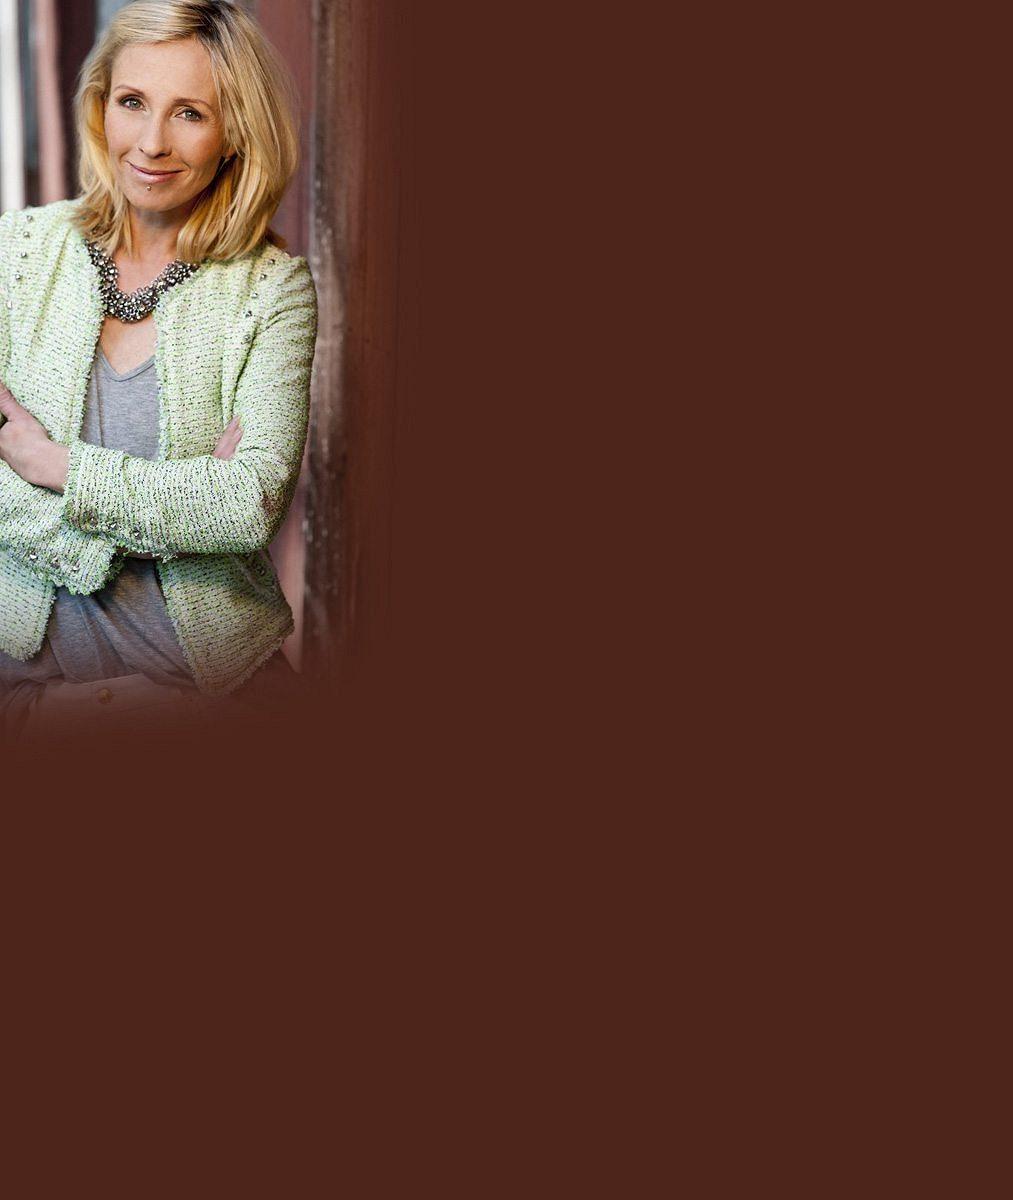 Tereza Pergnerová slaví narozeniny: Mrkněte na fotky z doby, kdy patřila k nejpopulárnějším lidem v zemi